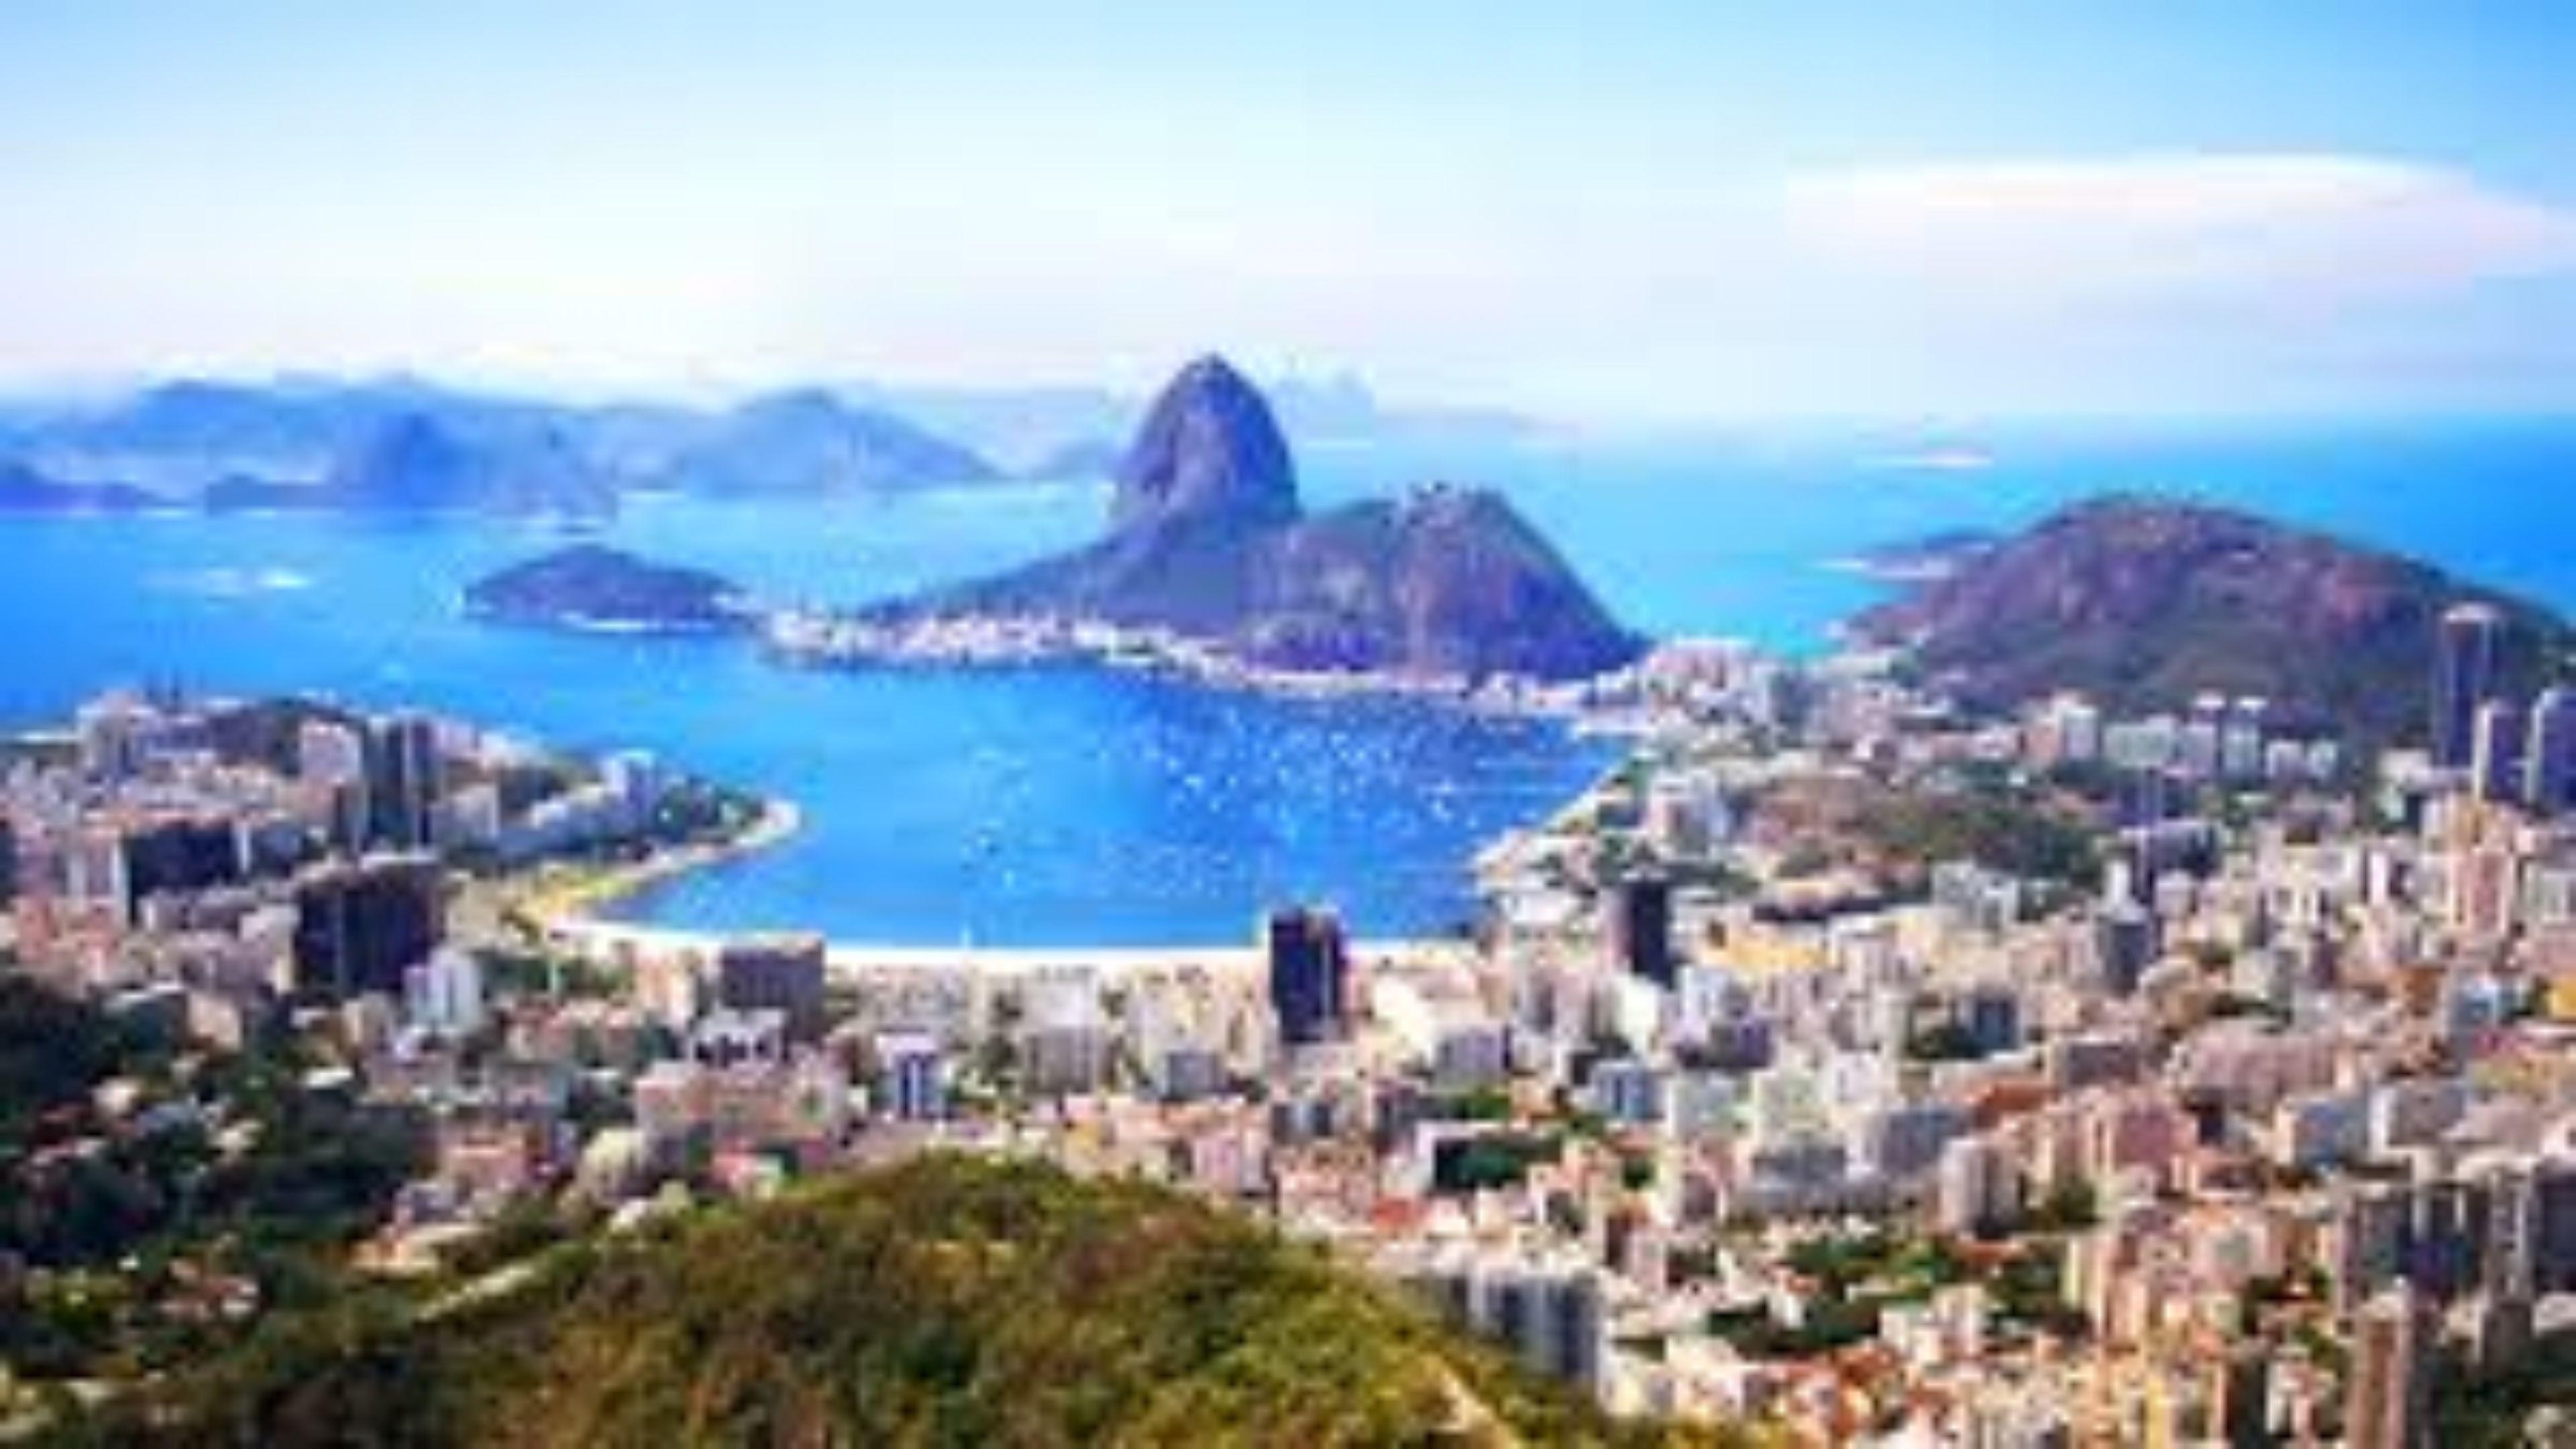 Rio De Janeiro Wallpaper (68+ Images